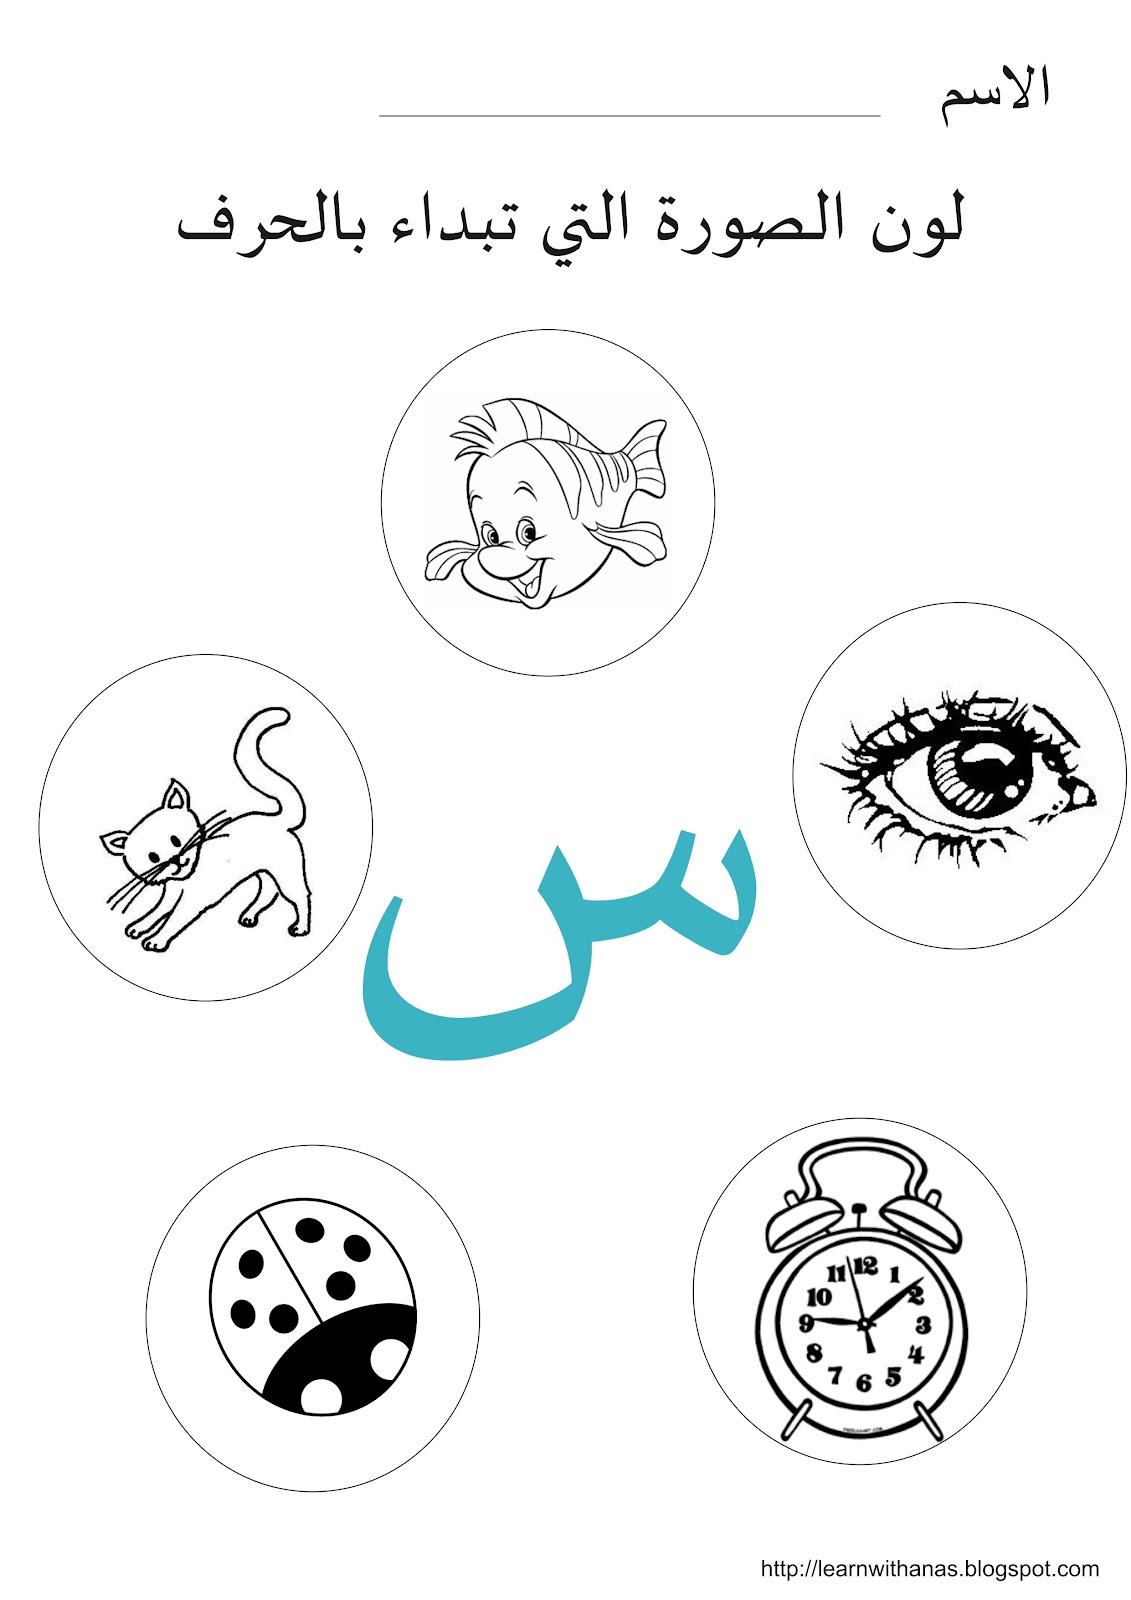 وثائق المعلّم التّونسيّ: أوراق عمل - حرف السّين: http://tunisianteacher.blogspot.com/2016/01/blog-post_11.html